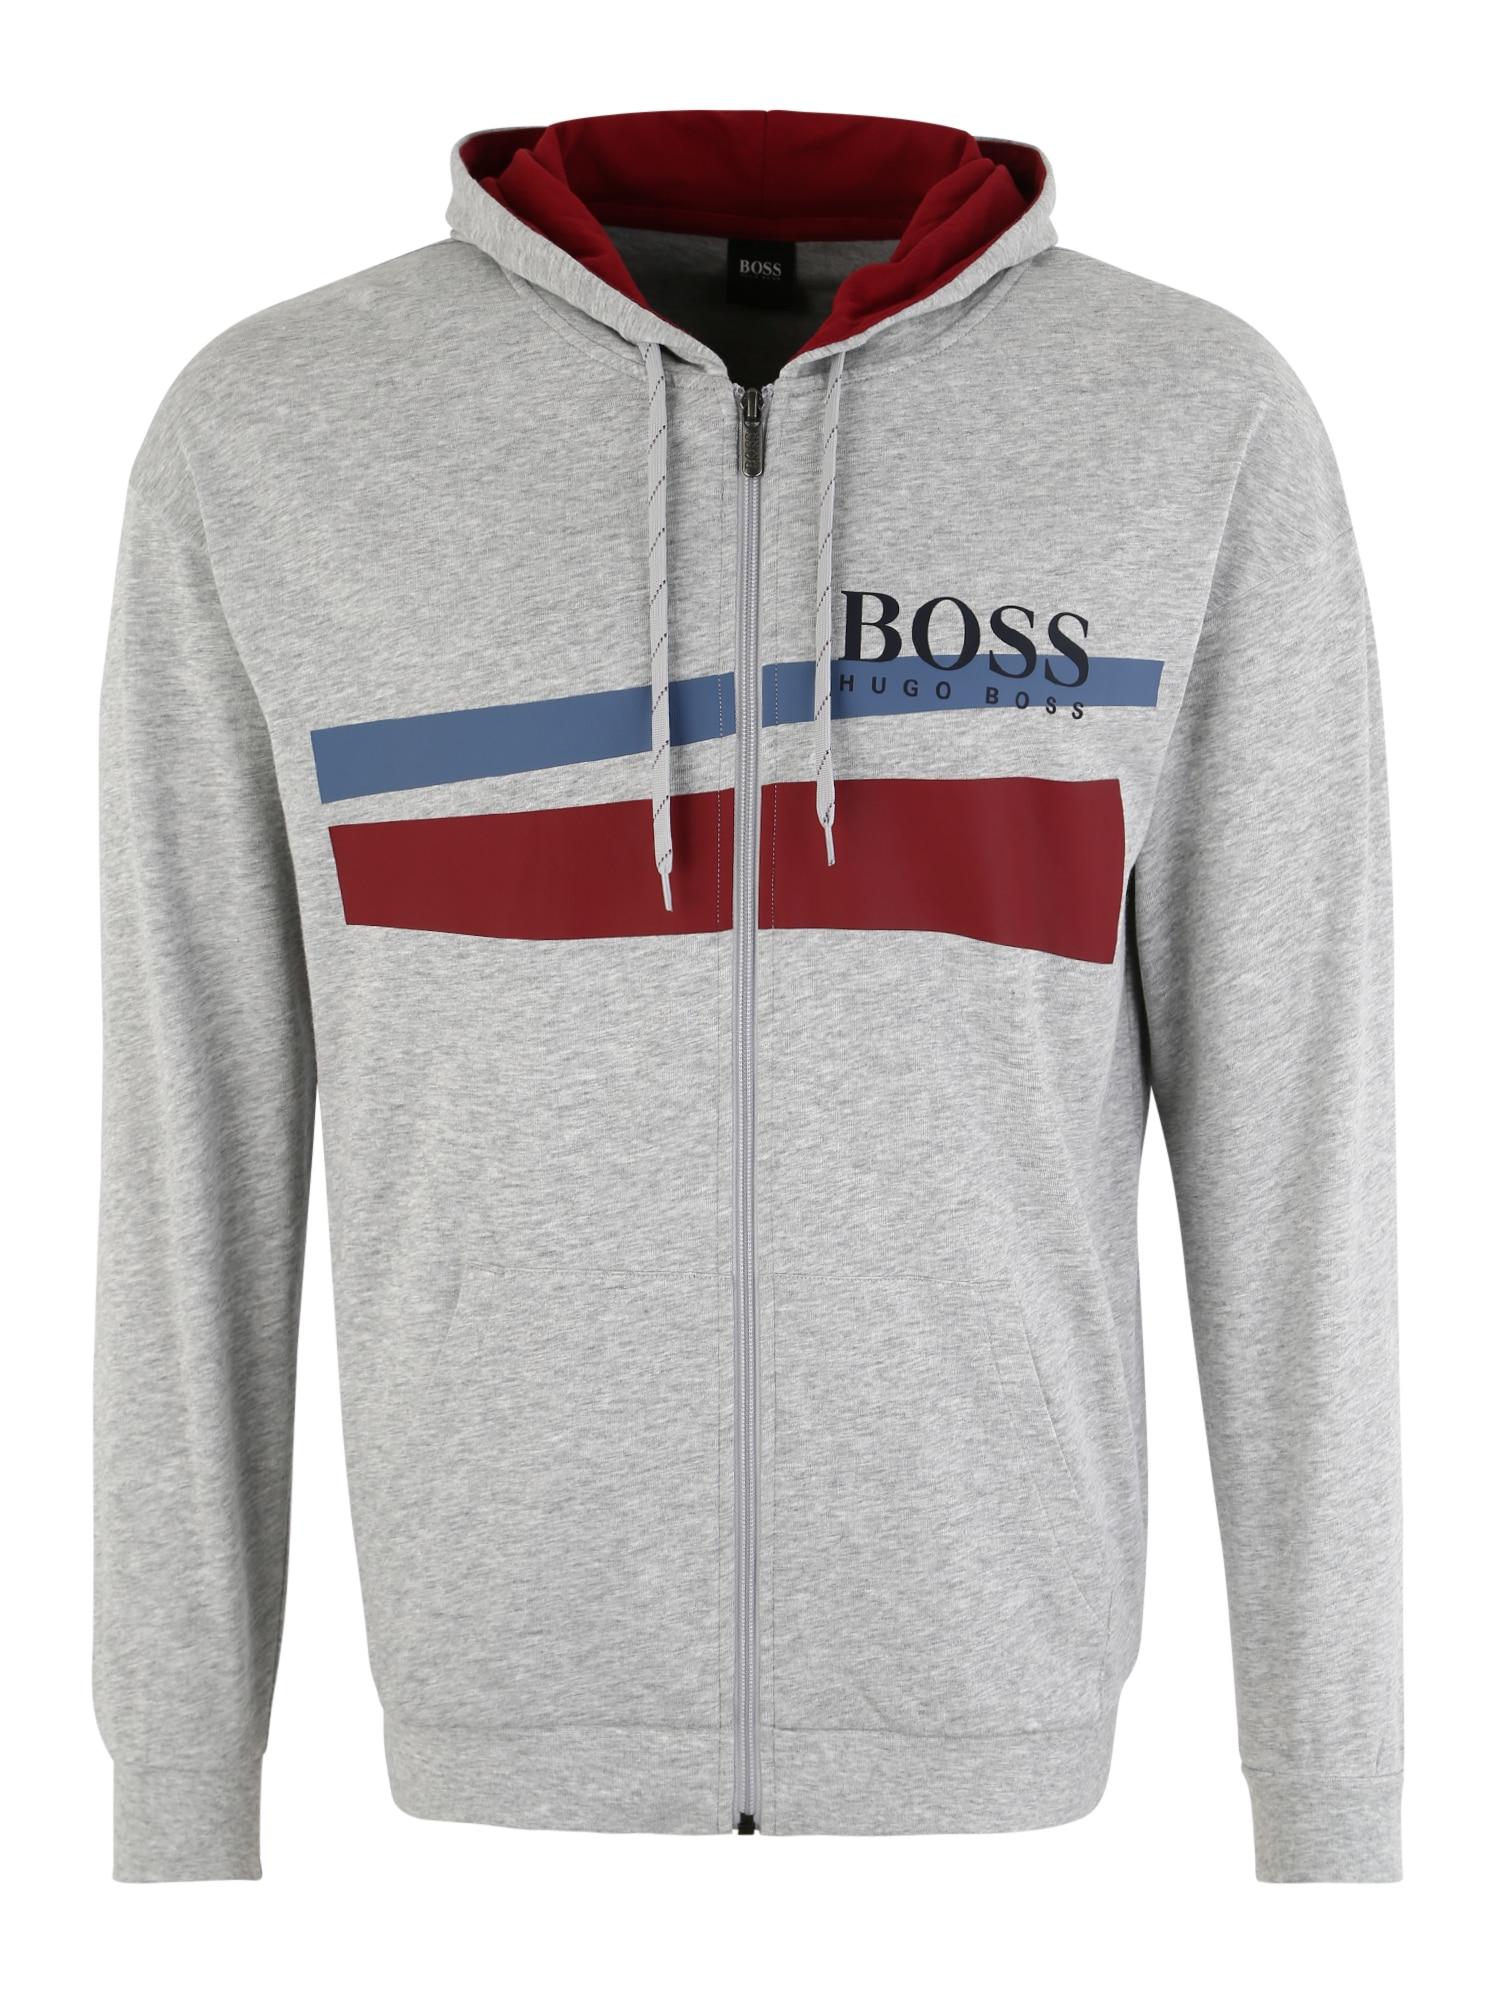 Pyžamo dlouhé Authentic H modrá šedá červenofialová BOSS